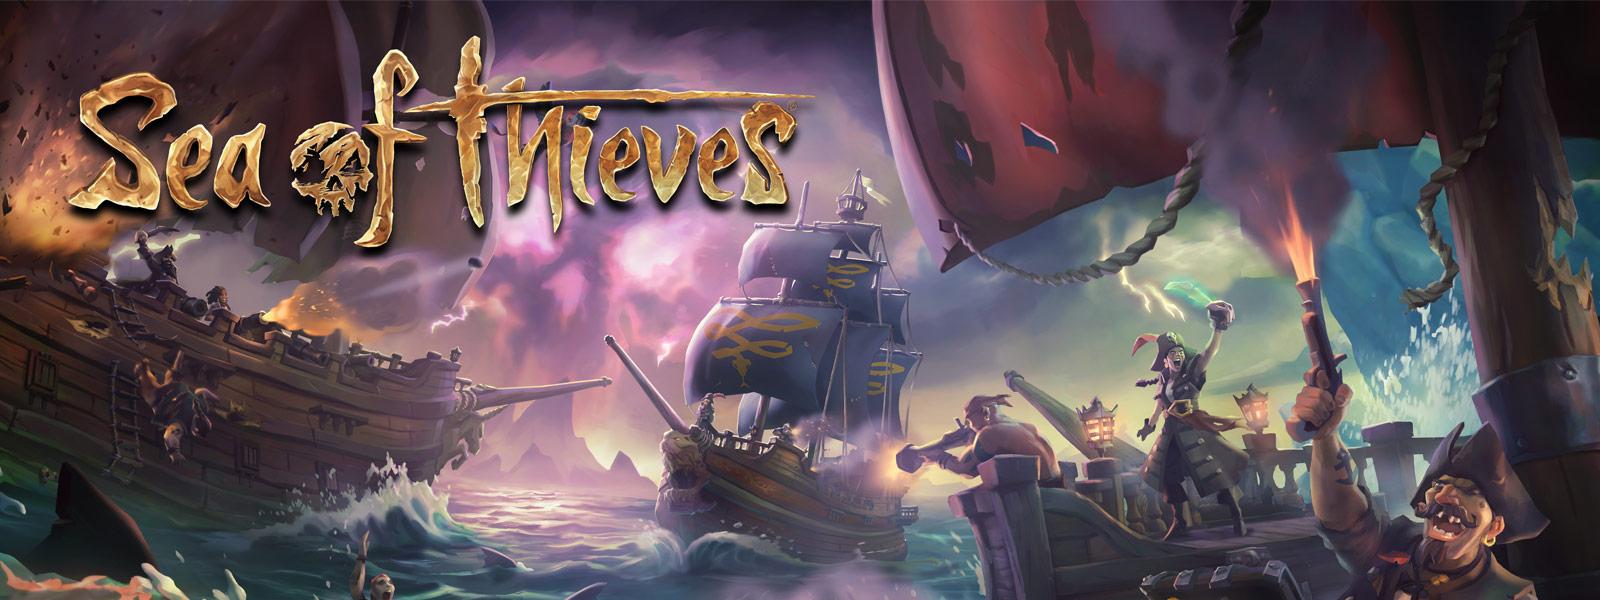 Sea of Thieves — Walczące na oceanie okręty ostrzeliwujące się nawzajem